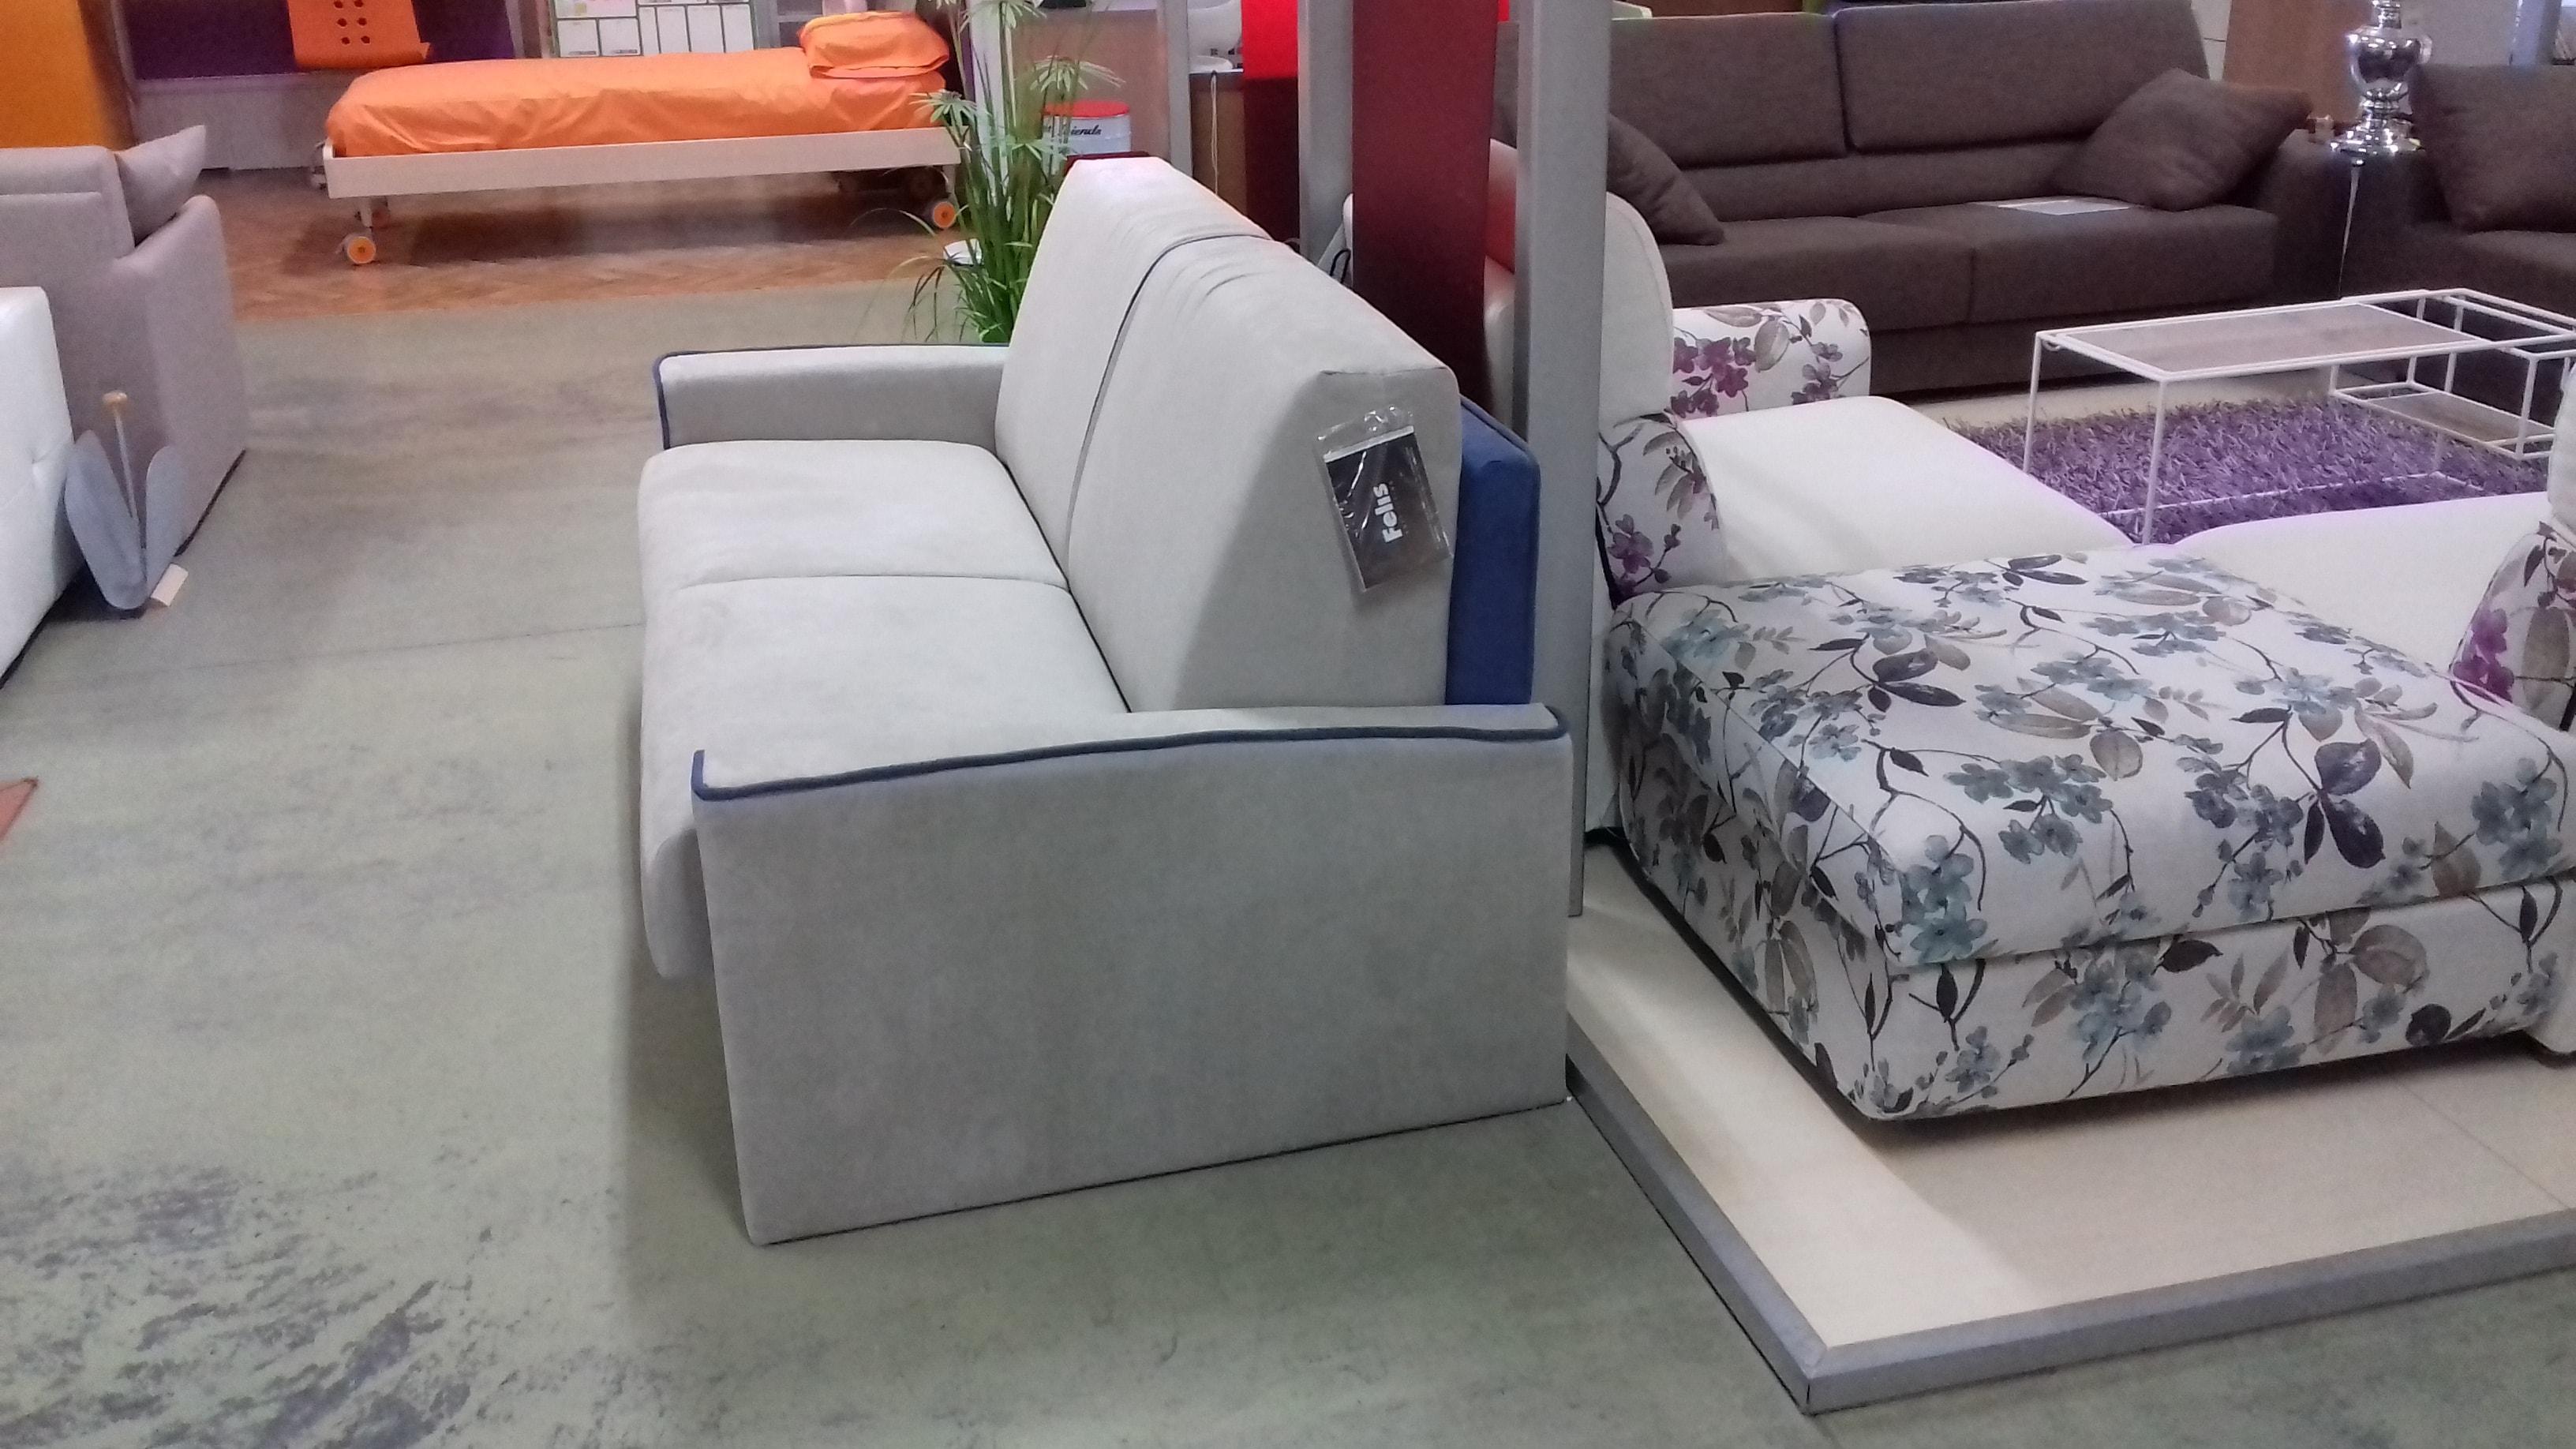 Divano letto 3 posti felis a prezzi scontati divani a prezzi scontati - Divano letto 3 posti economico ...